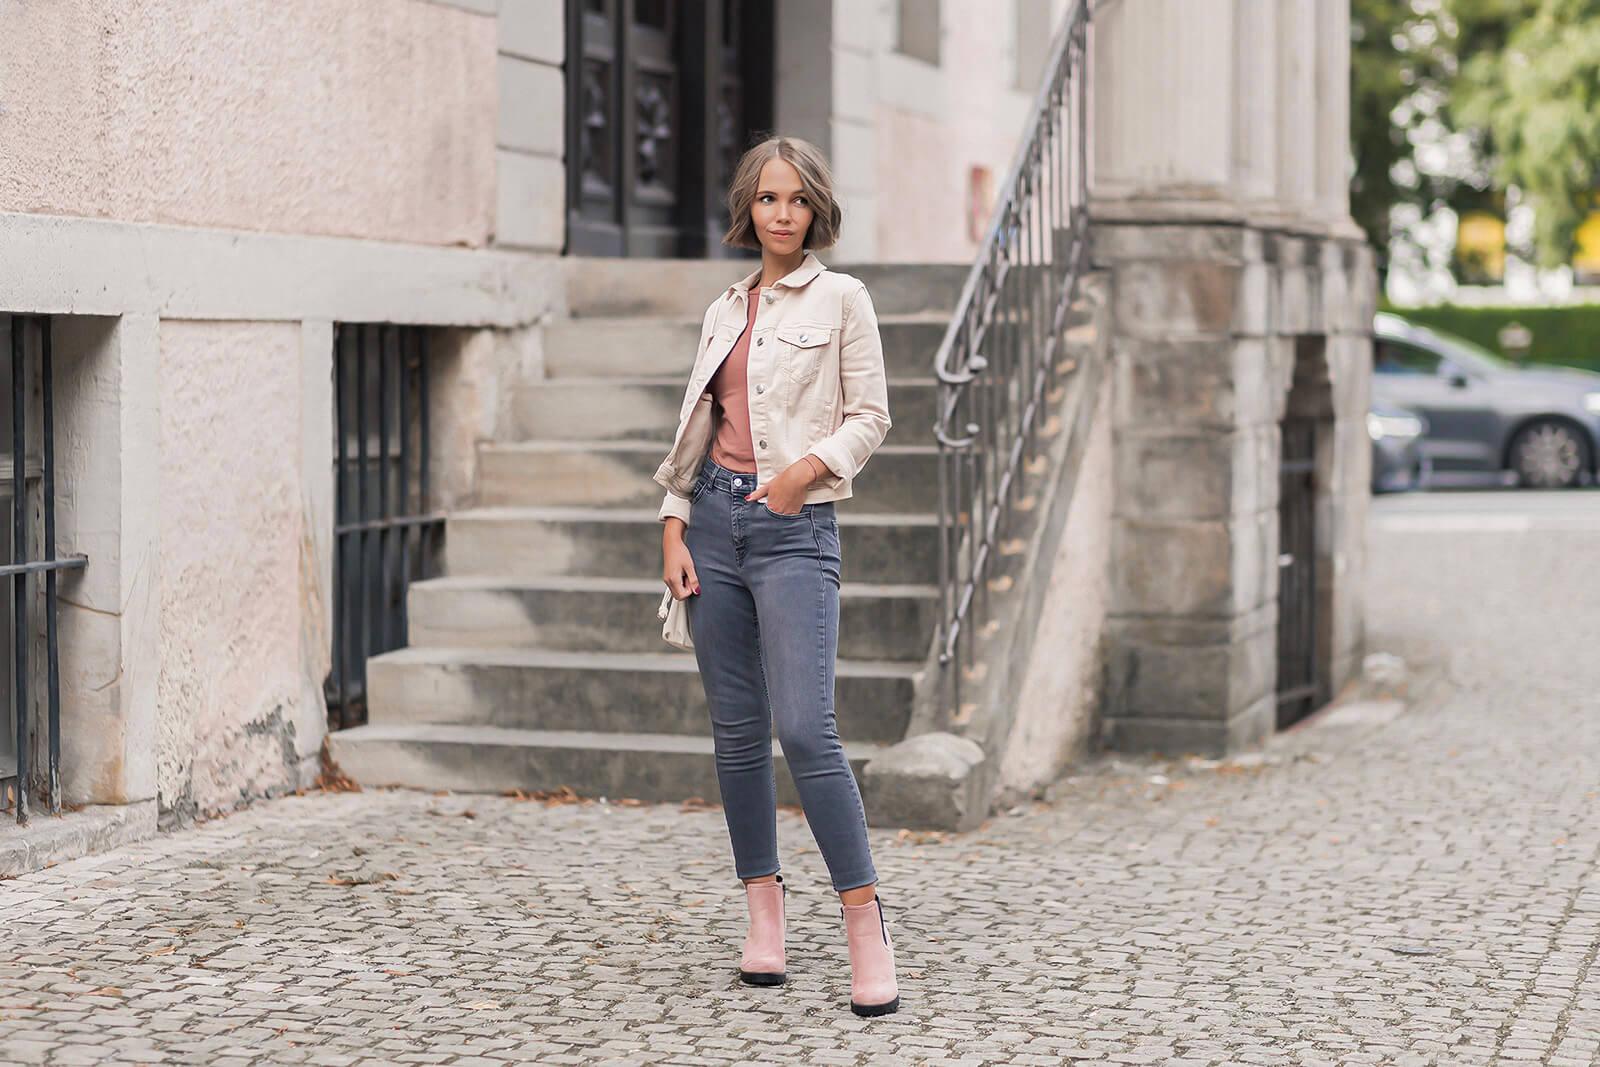 Jeansjacken in Cremetönen kombinieren, Herbstoutfit mit Jeansjacke und rosa Stiefeletten, Shoelove by Deichmann